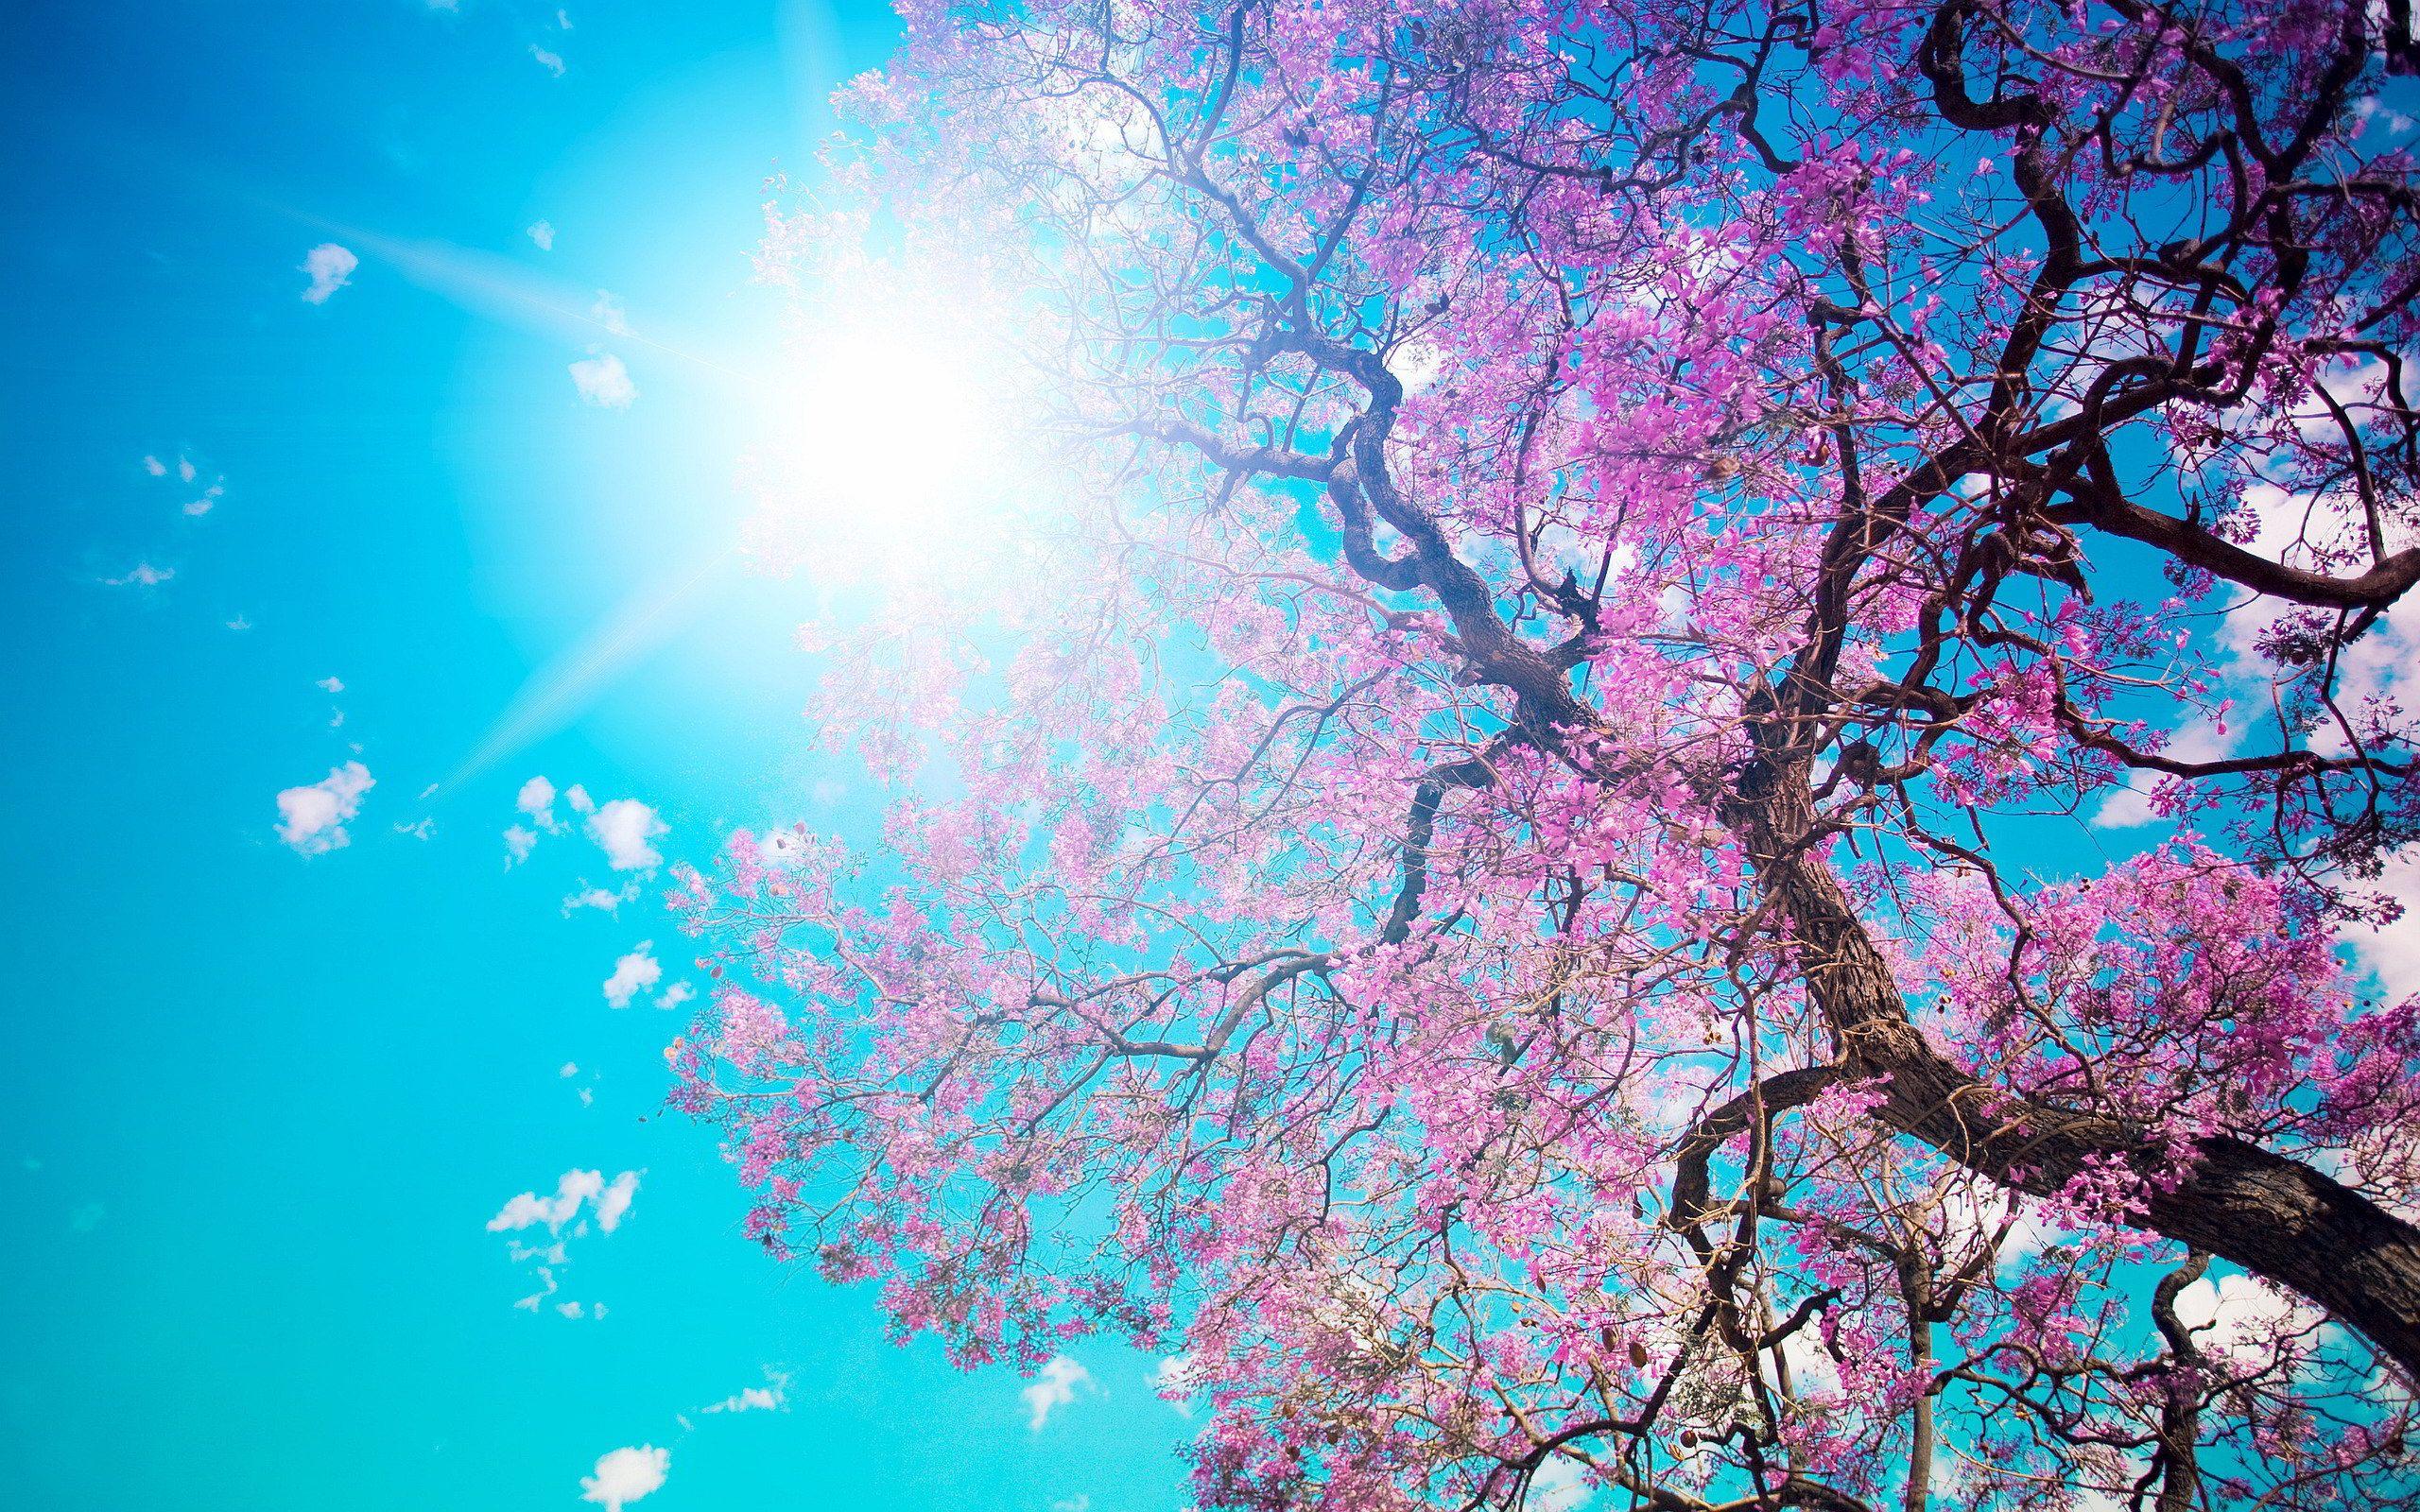 Spring Nature Photos 2560x1600